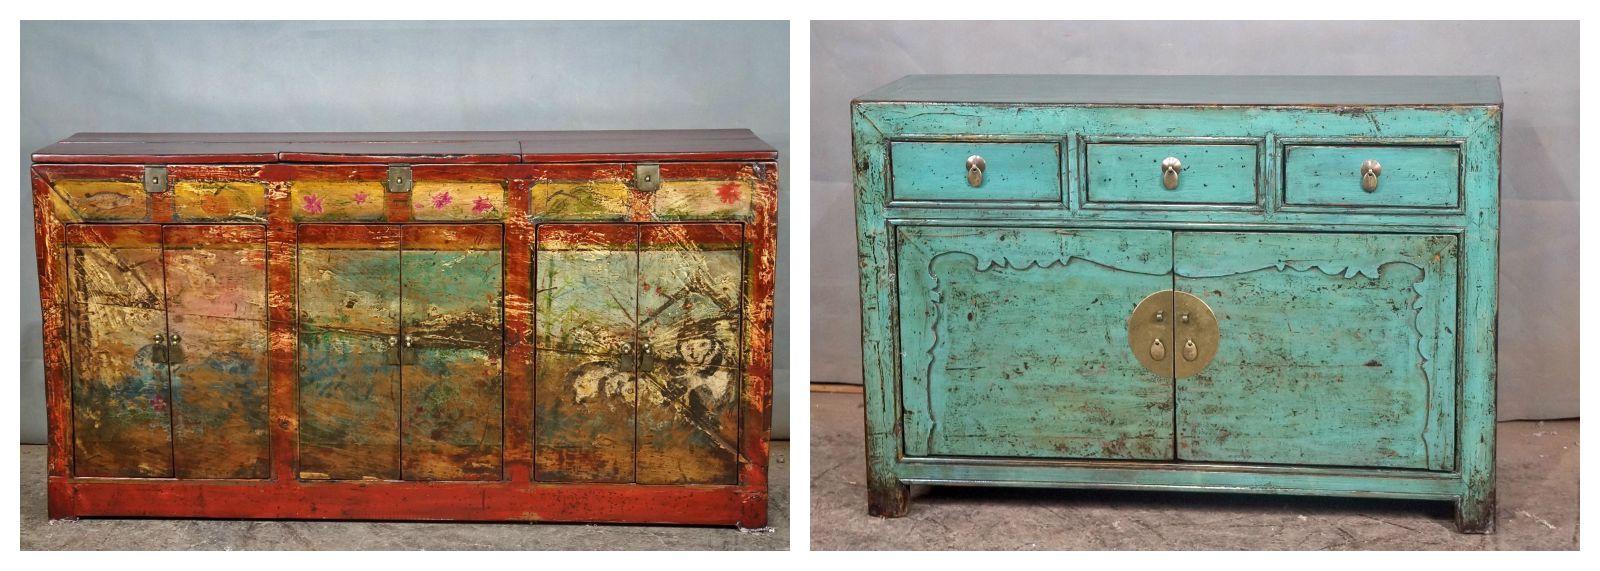 Meubles anciens du nord de la Chine - Blog de mobilier industriel ...